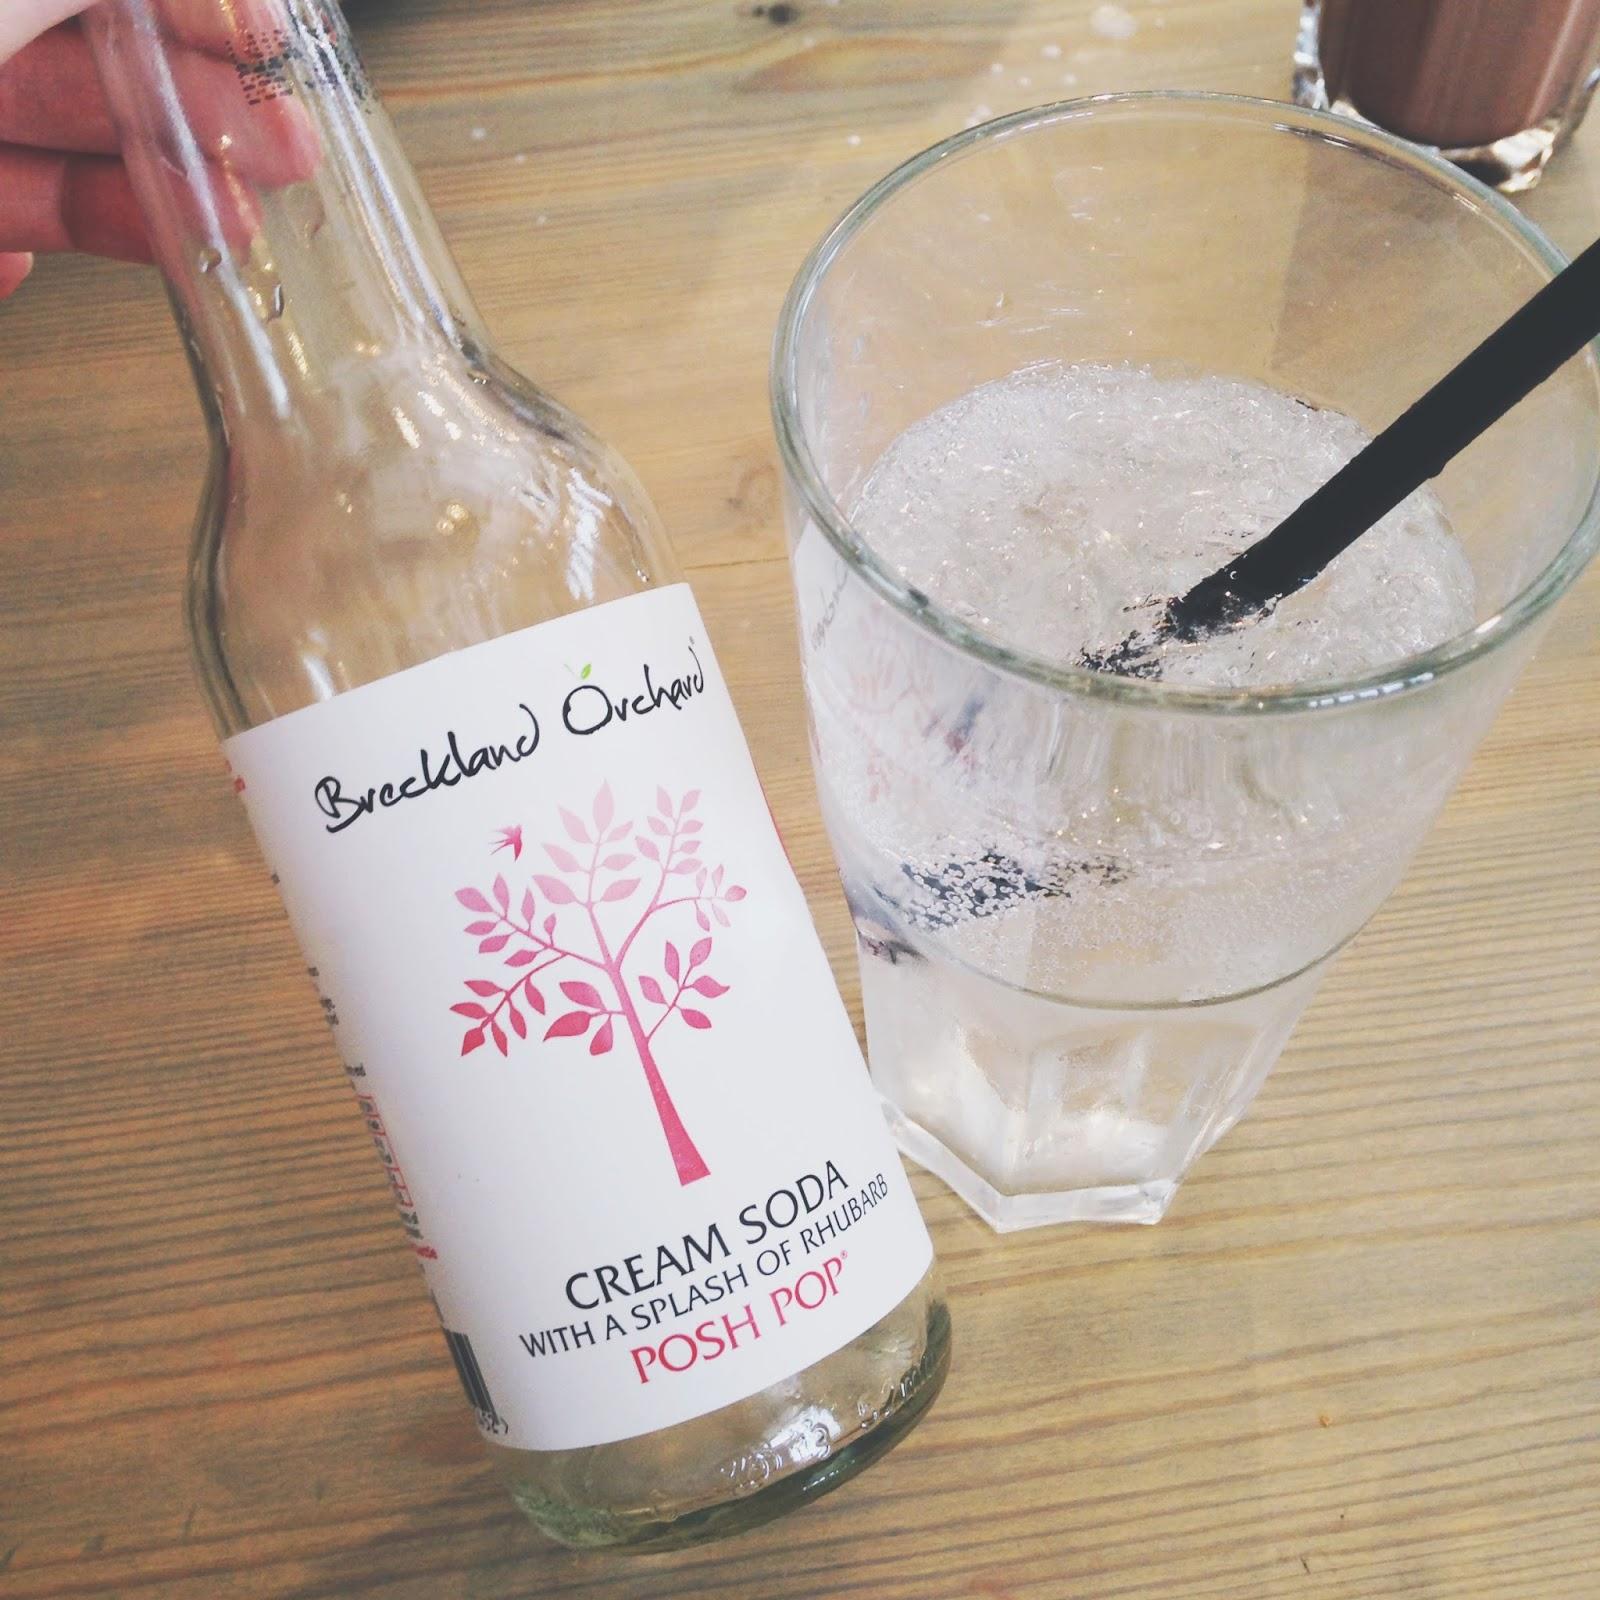 cream soda with rhubarb